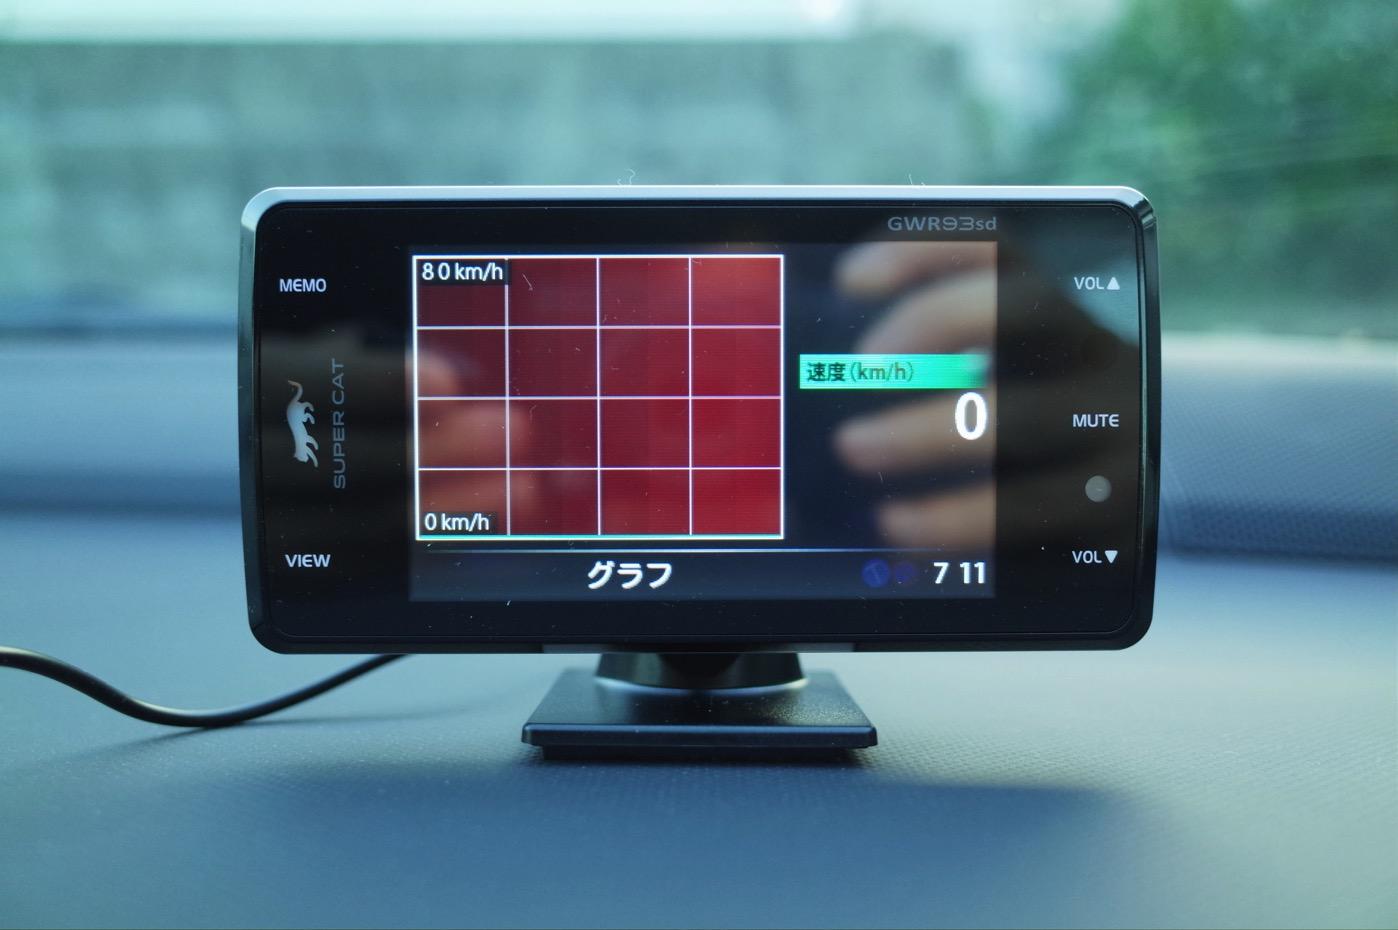 ユピテル レーダー探知機 スーパーキャット超高感度GPSアンテナ搭載 一体型 GWR93sd-20